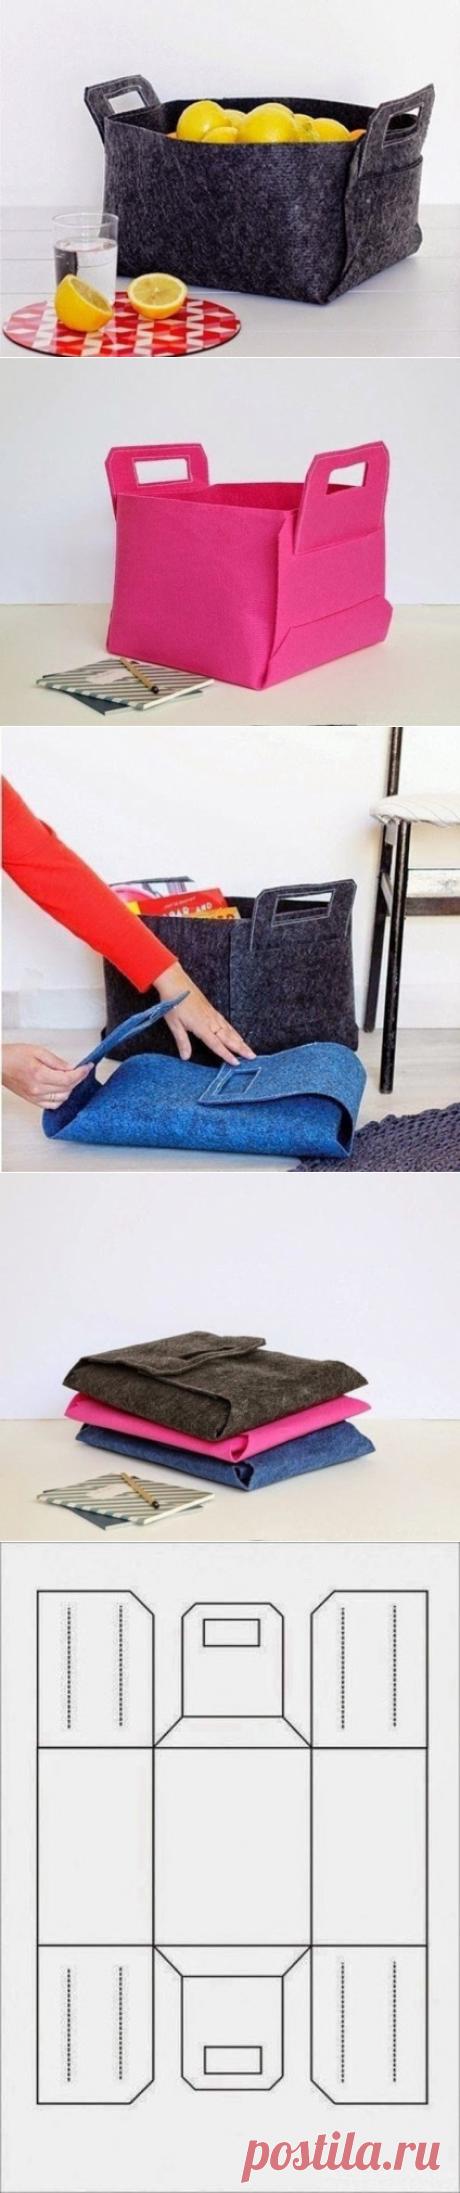 Делаем складную сумочку для разных мелочей - очень удобно!